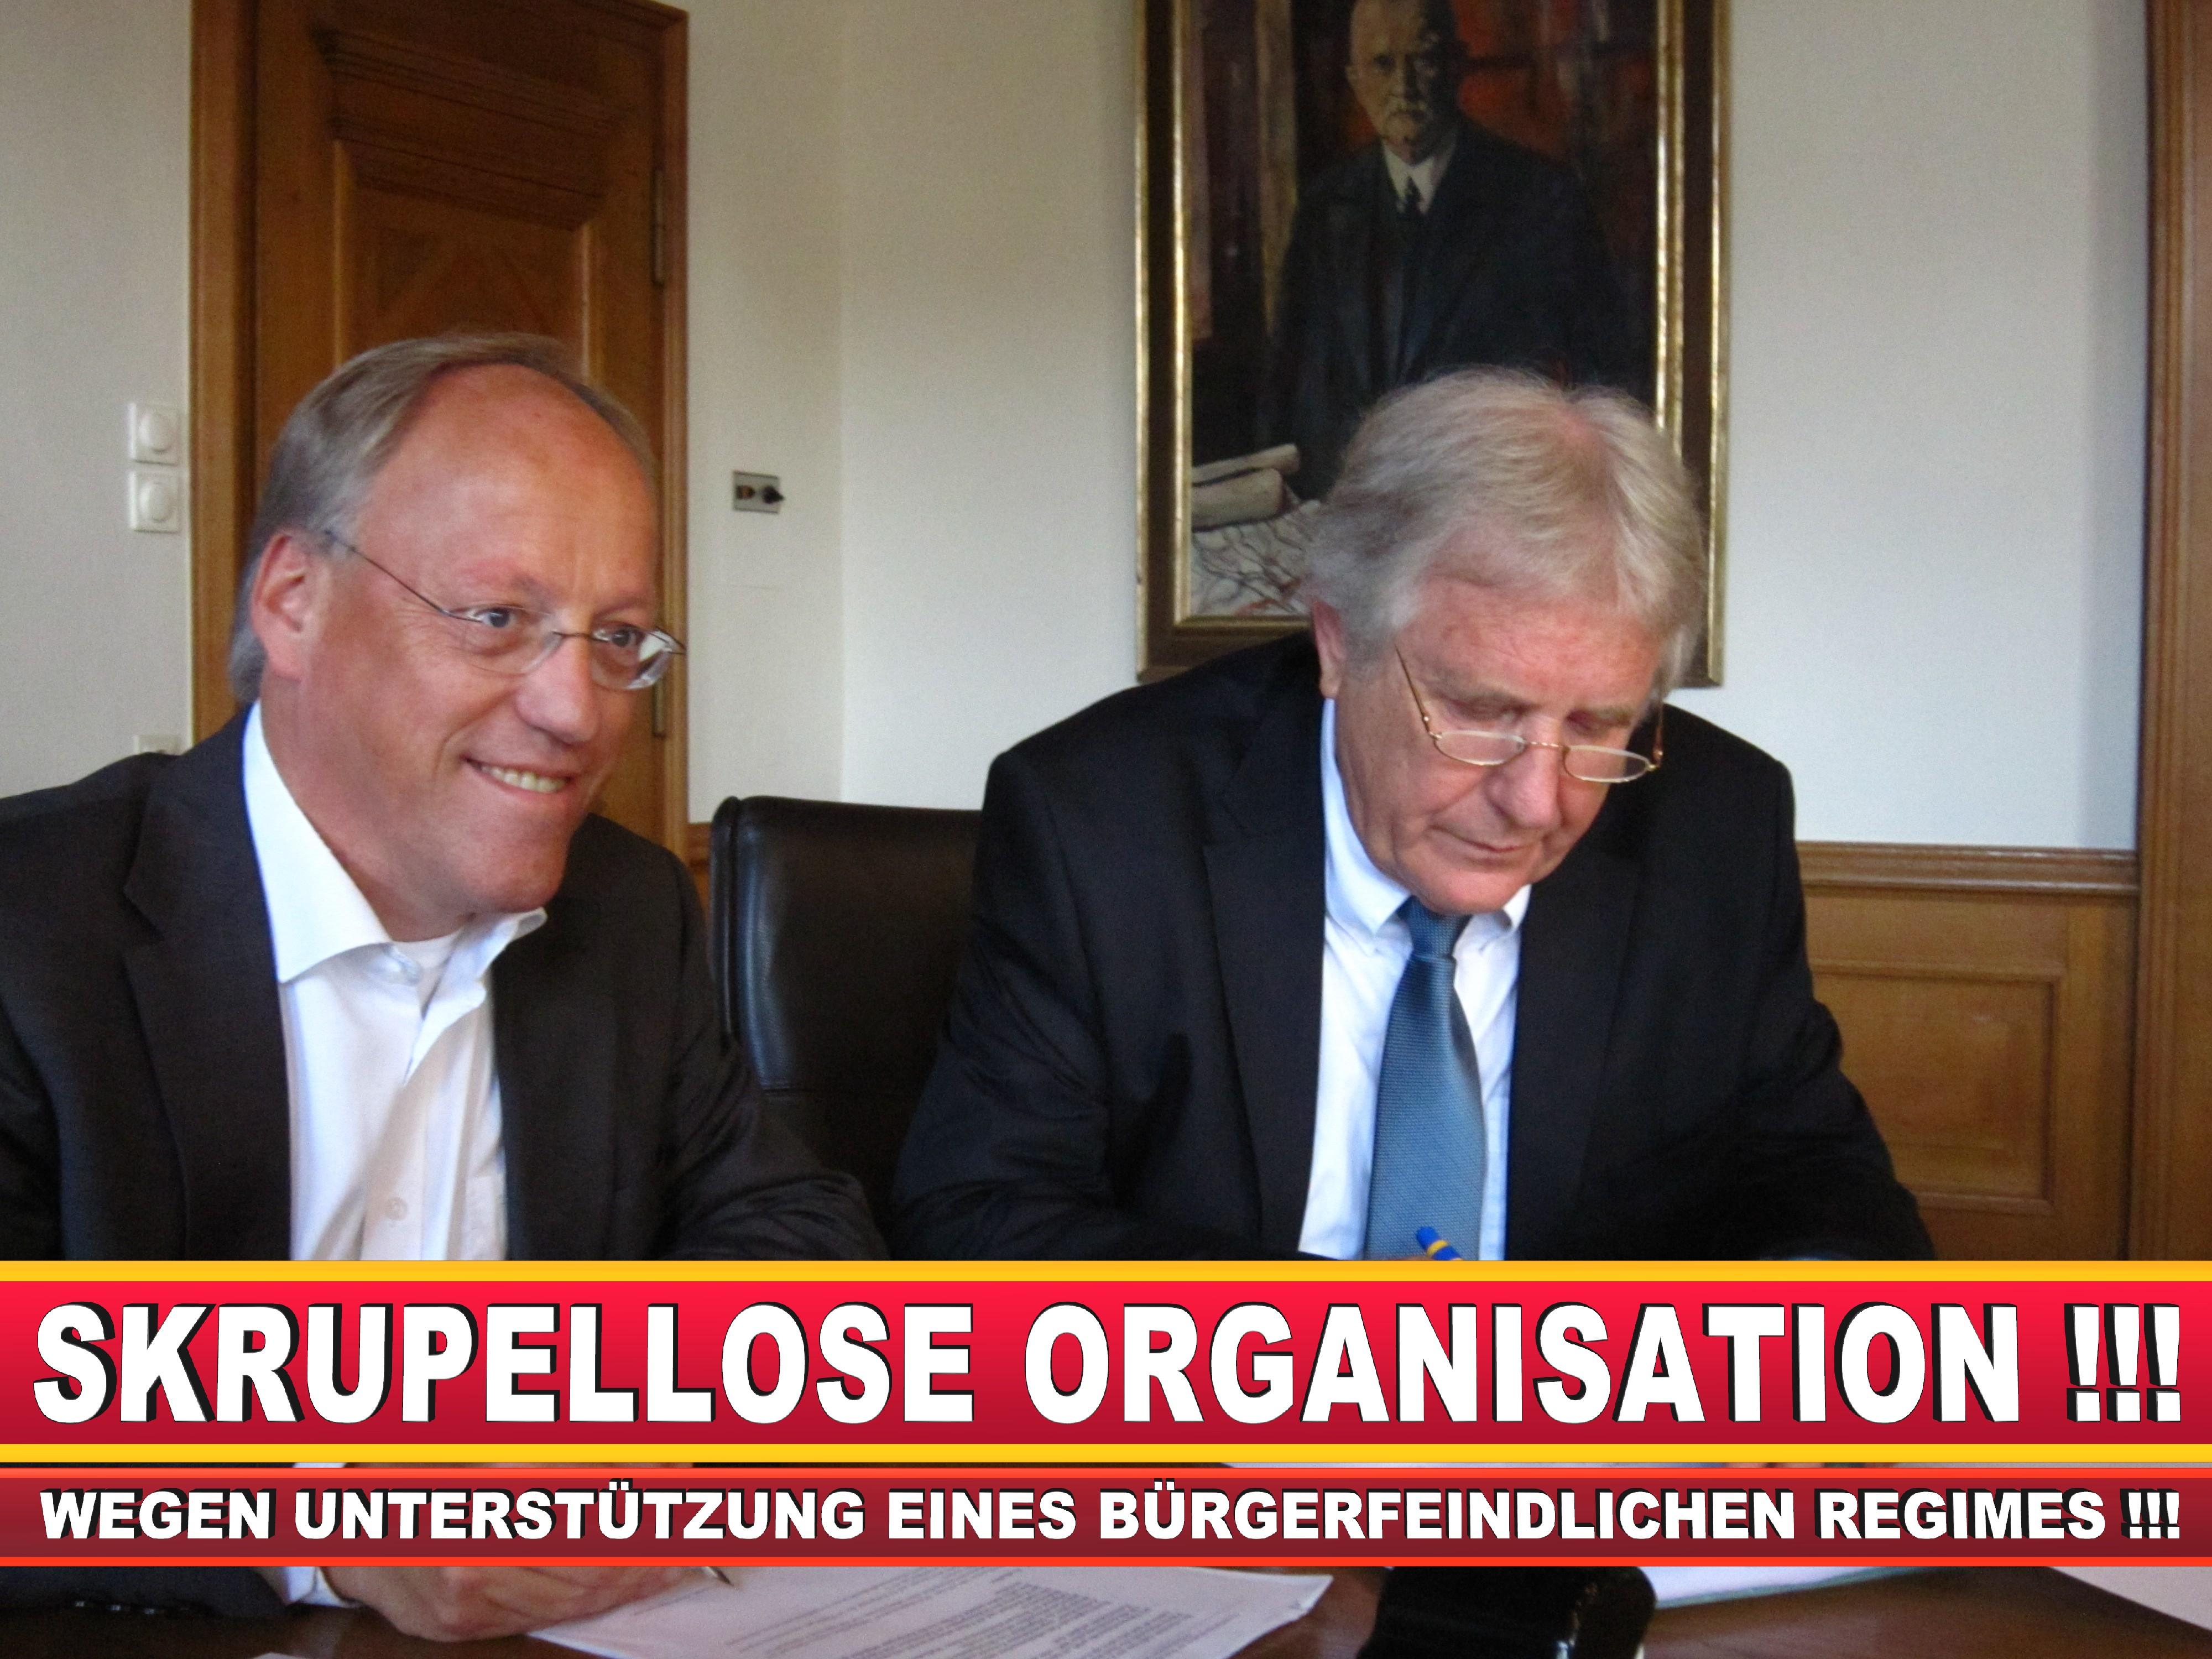 Polizeipräsident Erwin Südfeld Bielefeld Oberbürgermeister Bürgermeister Peter Clausen Pit Clausen Bielefeld (60)